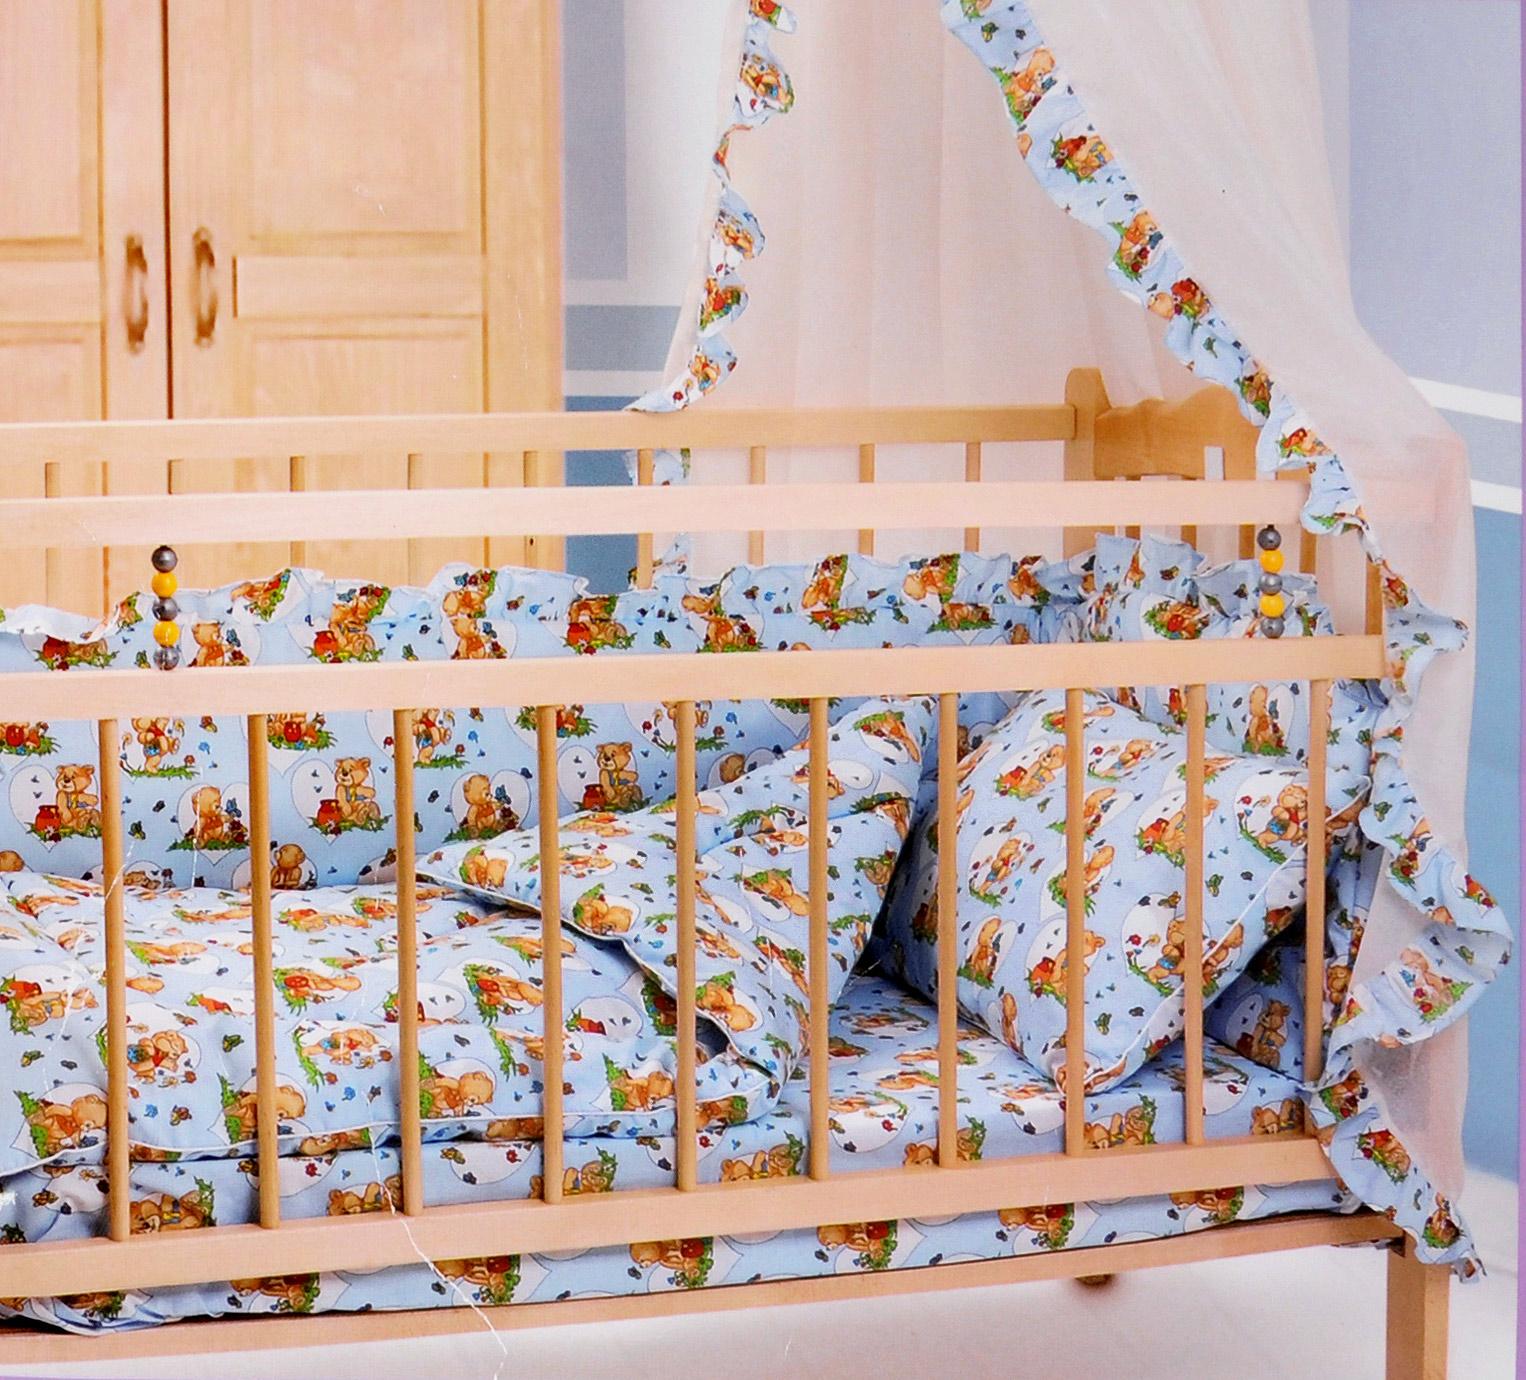 Комплект в кроватку Primavelle Кроха, цвет: голубой, 5 предметов601104005-18Комплект в кроватку Primavelle Кроха прекрасно подойдет для кроватки вашего малыша, добавит комнате уюта и согреет в прохладные дни. В качестве материала верха использованы 70% хлопка и 30% полиэстера. Мягкая ткань не раздражает чувствительную и нежную кожу ребенка и хорошо вентилируется. Подушка и одеяло наполнены гипоаллергенным экофайбером, который не впитывает запах и пыль. В комплекте - удобный карман на кроватку для всех необходимых вещей. Очень важно, чтобы ваш малыш хорошо спал - это залог его здоровья, а значит вашего спокойствия. Комплект Primavelle Кроха идеально подойдет для кроватки вашего малыша. На нем ваш кроха будет спать здоровым и крепким сном. Комплектация: - бортик (150 см х 35 см); - простыня (120 см х 180 см); - подушка (40 см х 60 см); - одеяло (110 см х 140 см); - кармашек (60 см х 45 см).